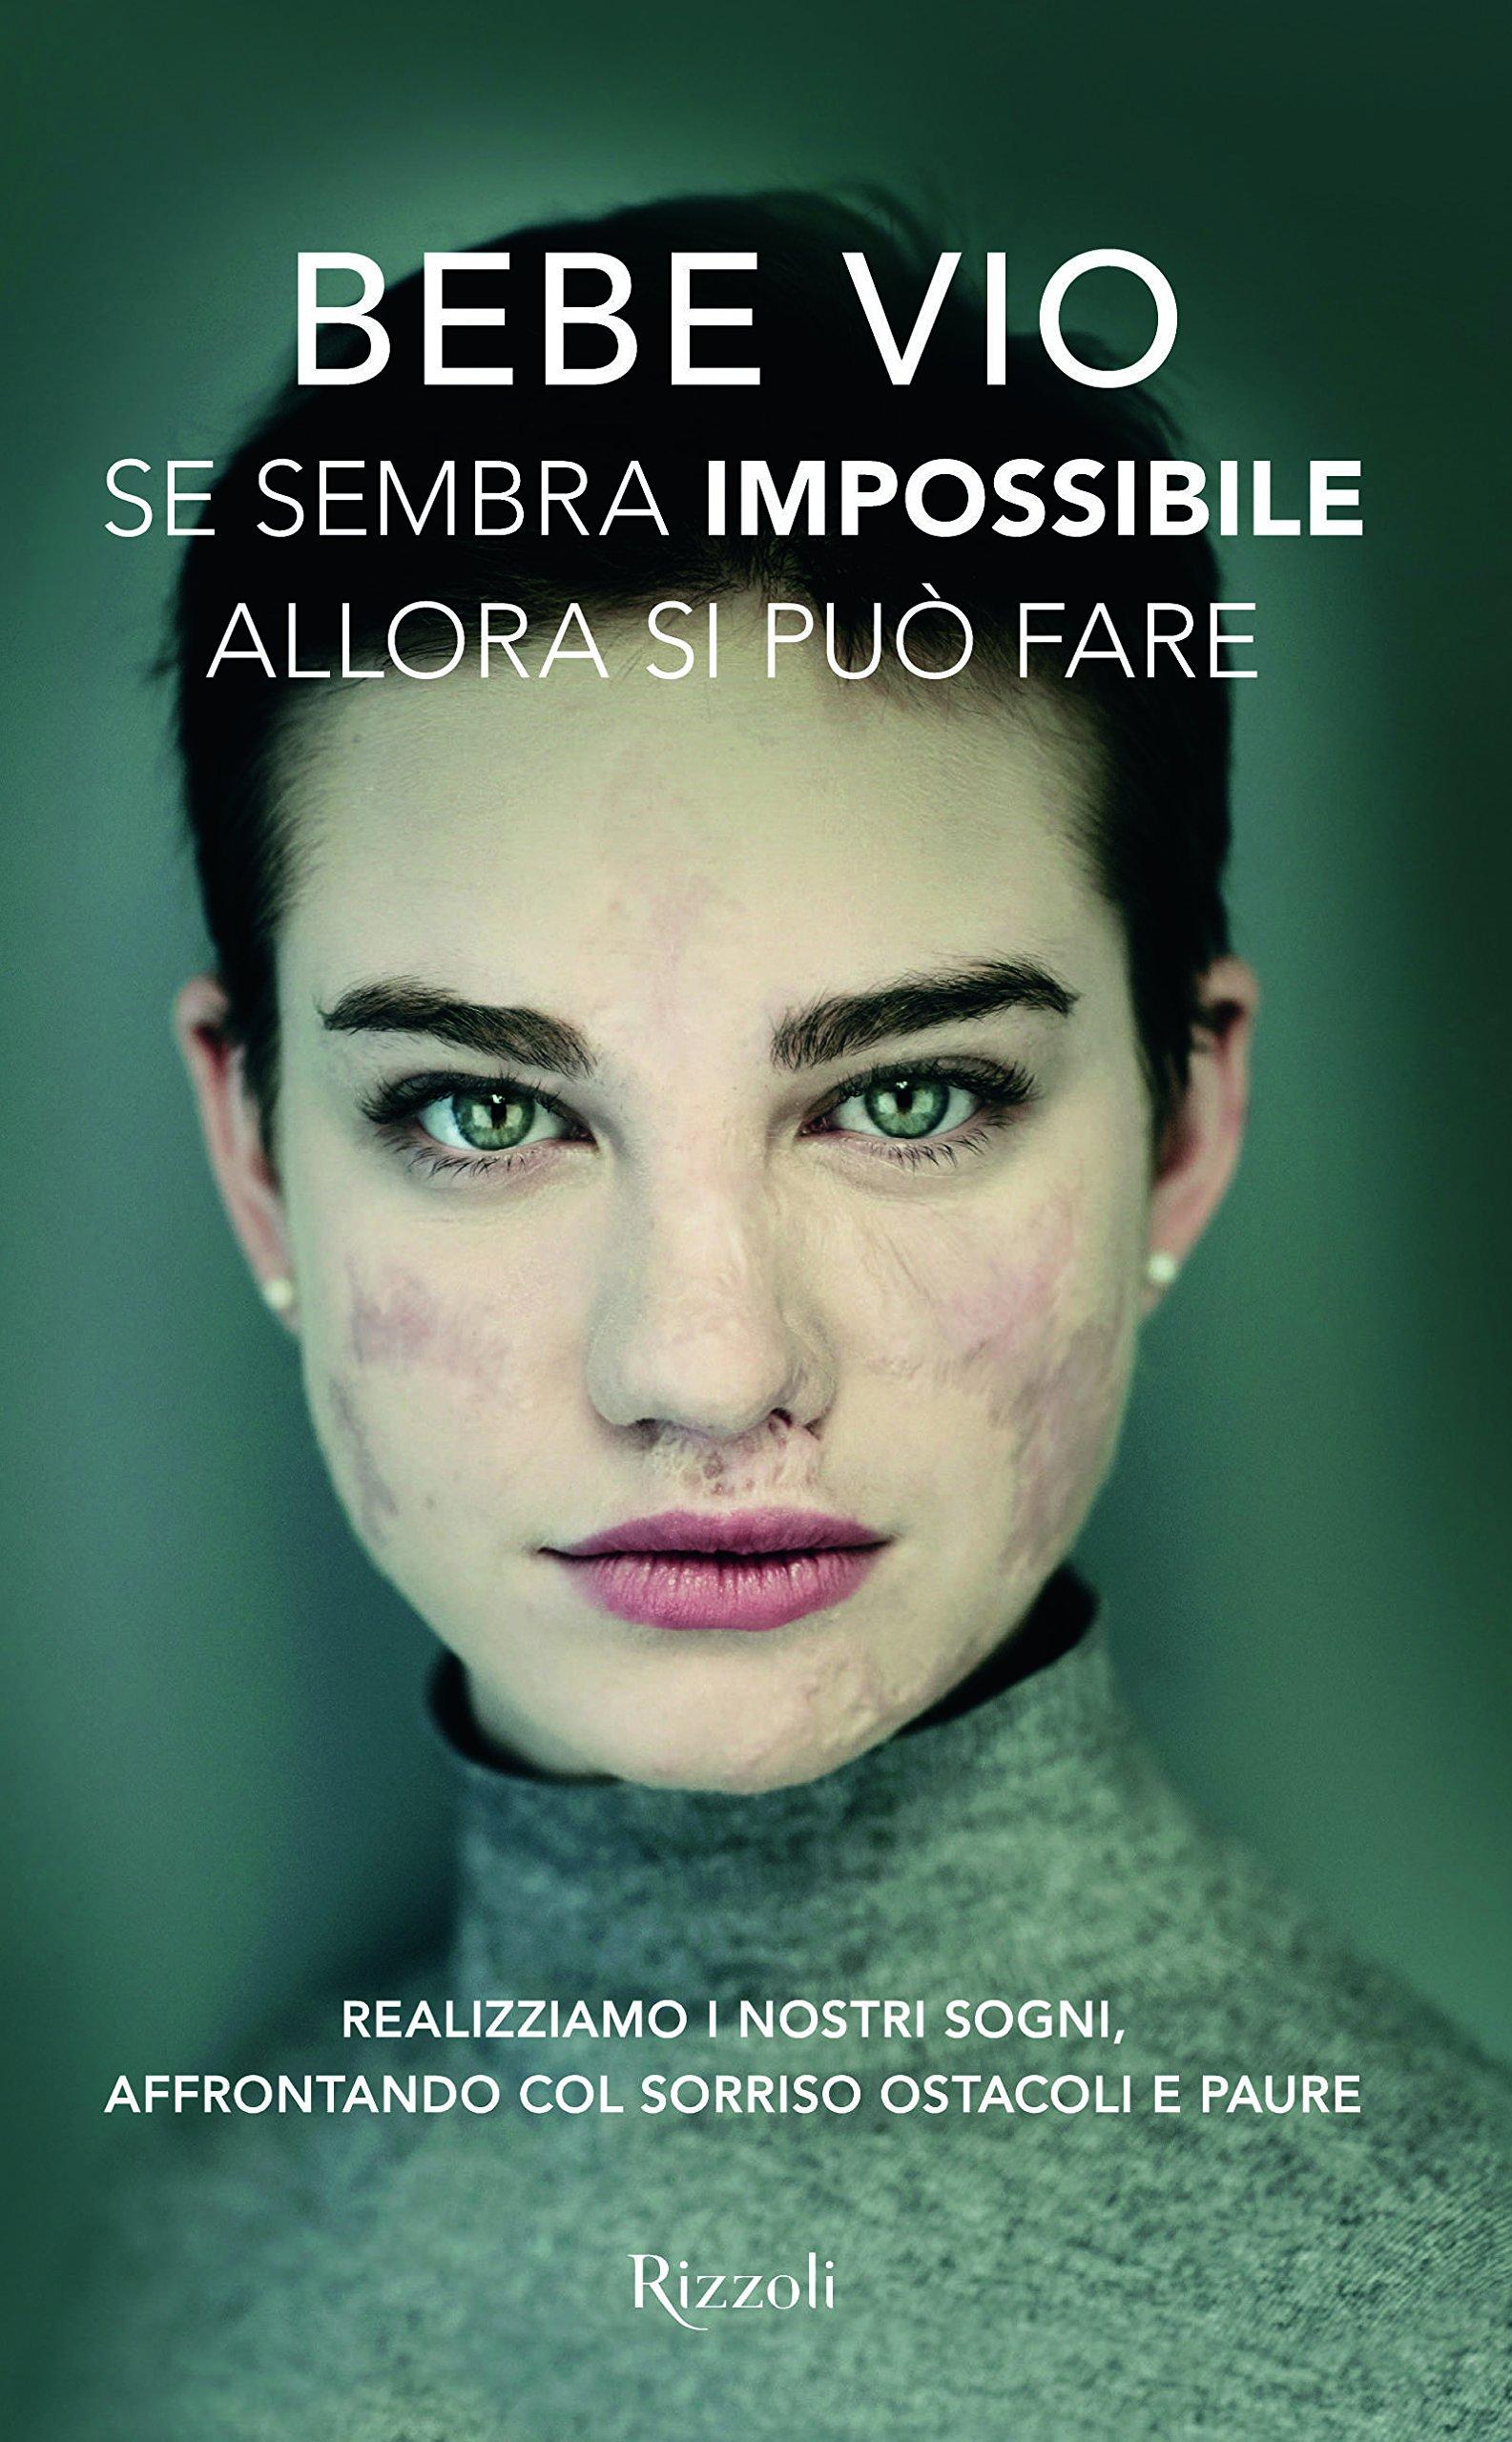 Se sembra impossibile allora si può fare. Realizziamo i nostri sogni, affrontando col sorriso ostacoli e paure.